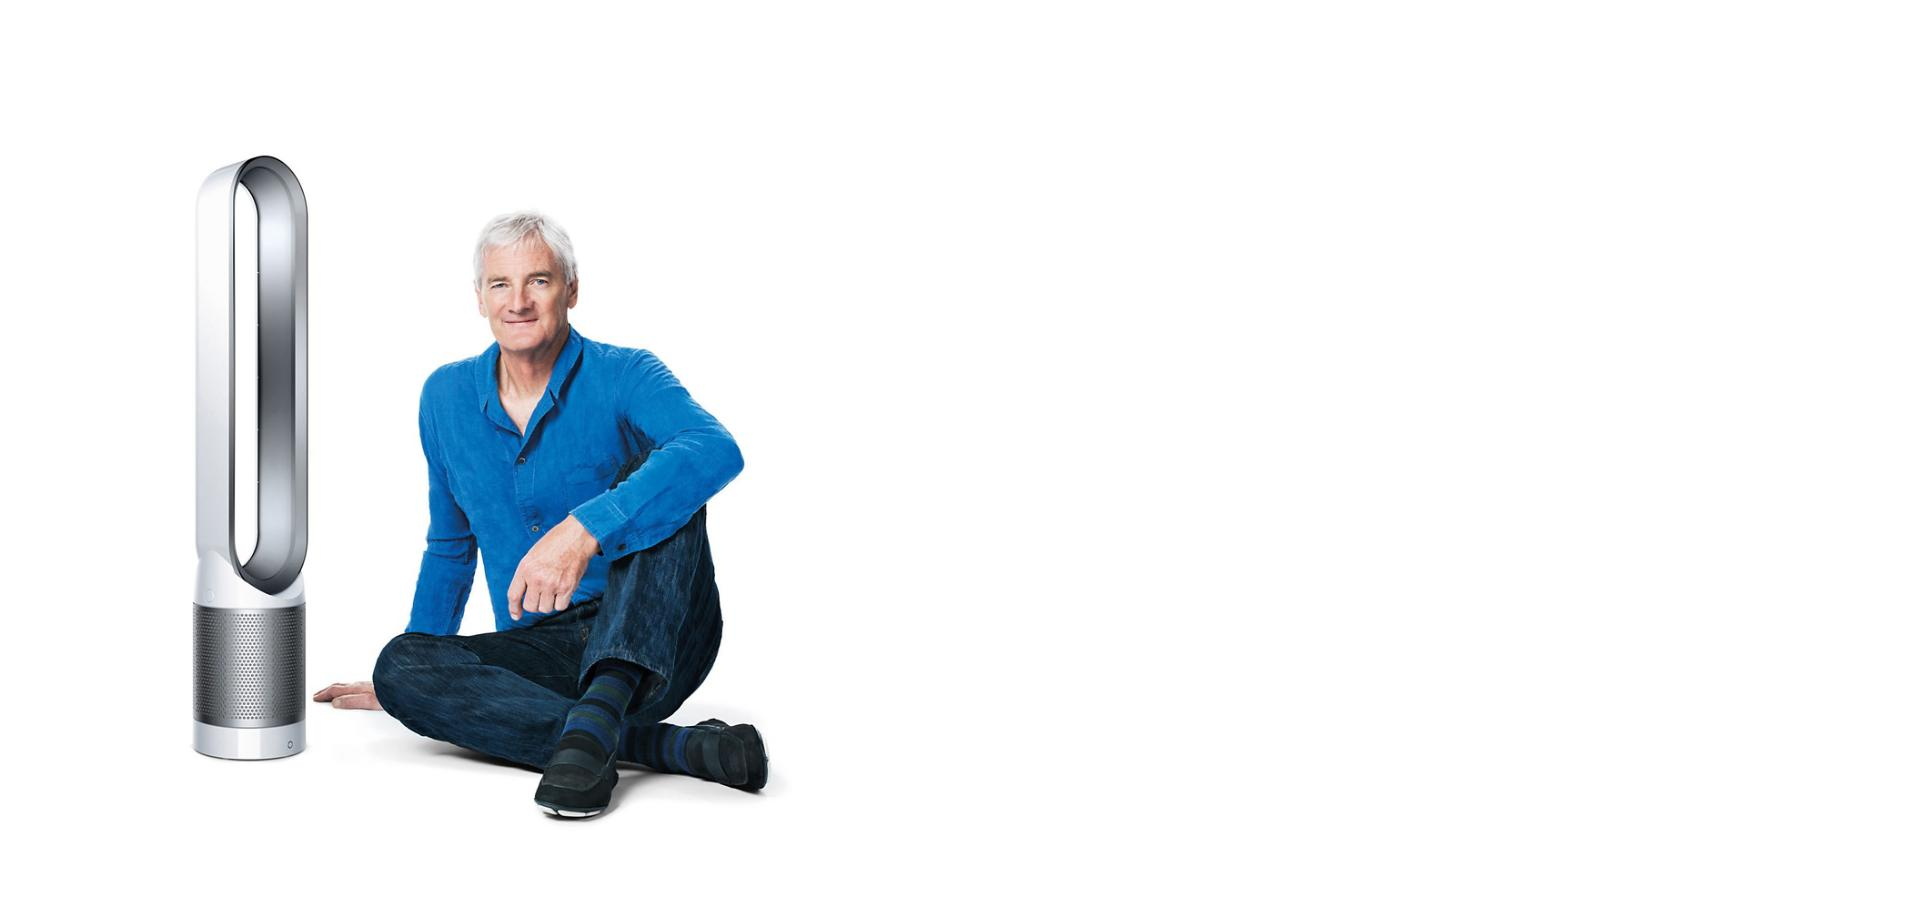 جيمس دايسون يجلس بجوار المروحة المُنقية للهواء Dyson Pure Cool™